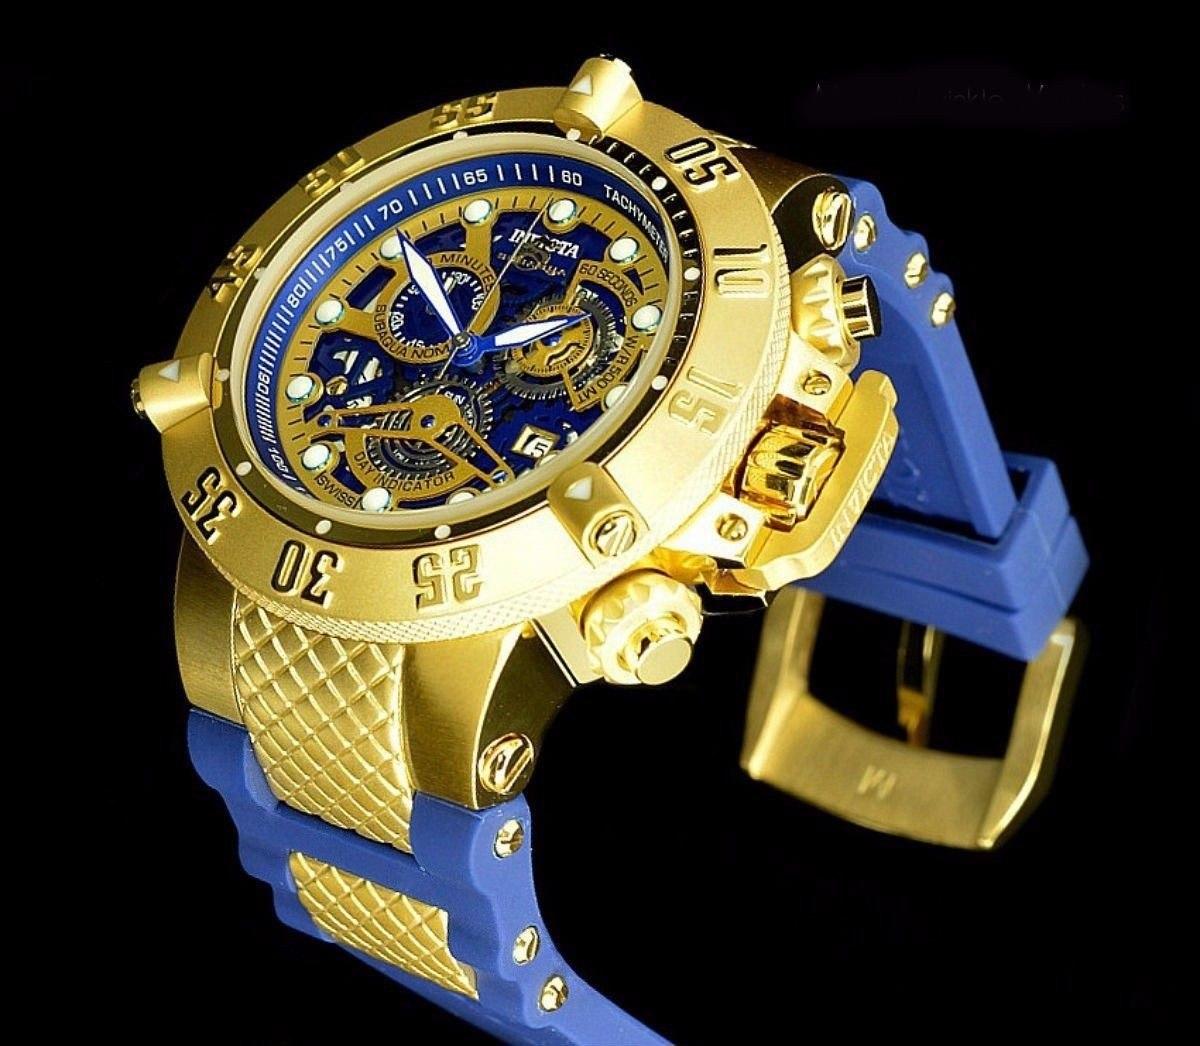 bf7ea4aeaf3 relógio invicta subaqua 18527 dourado - original garantia. Carregando zoom.